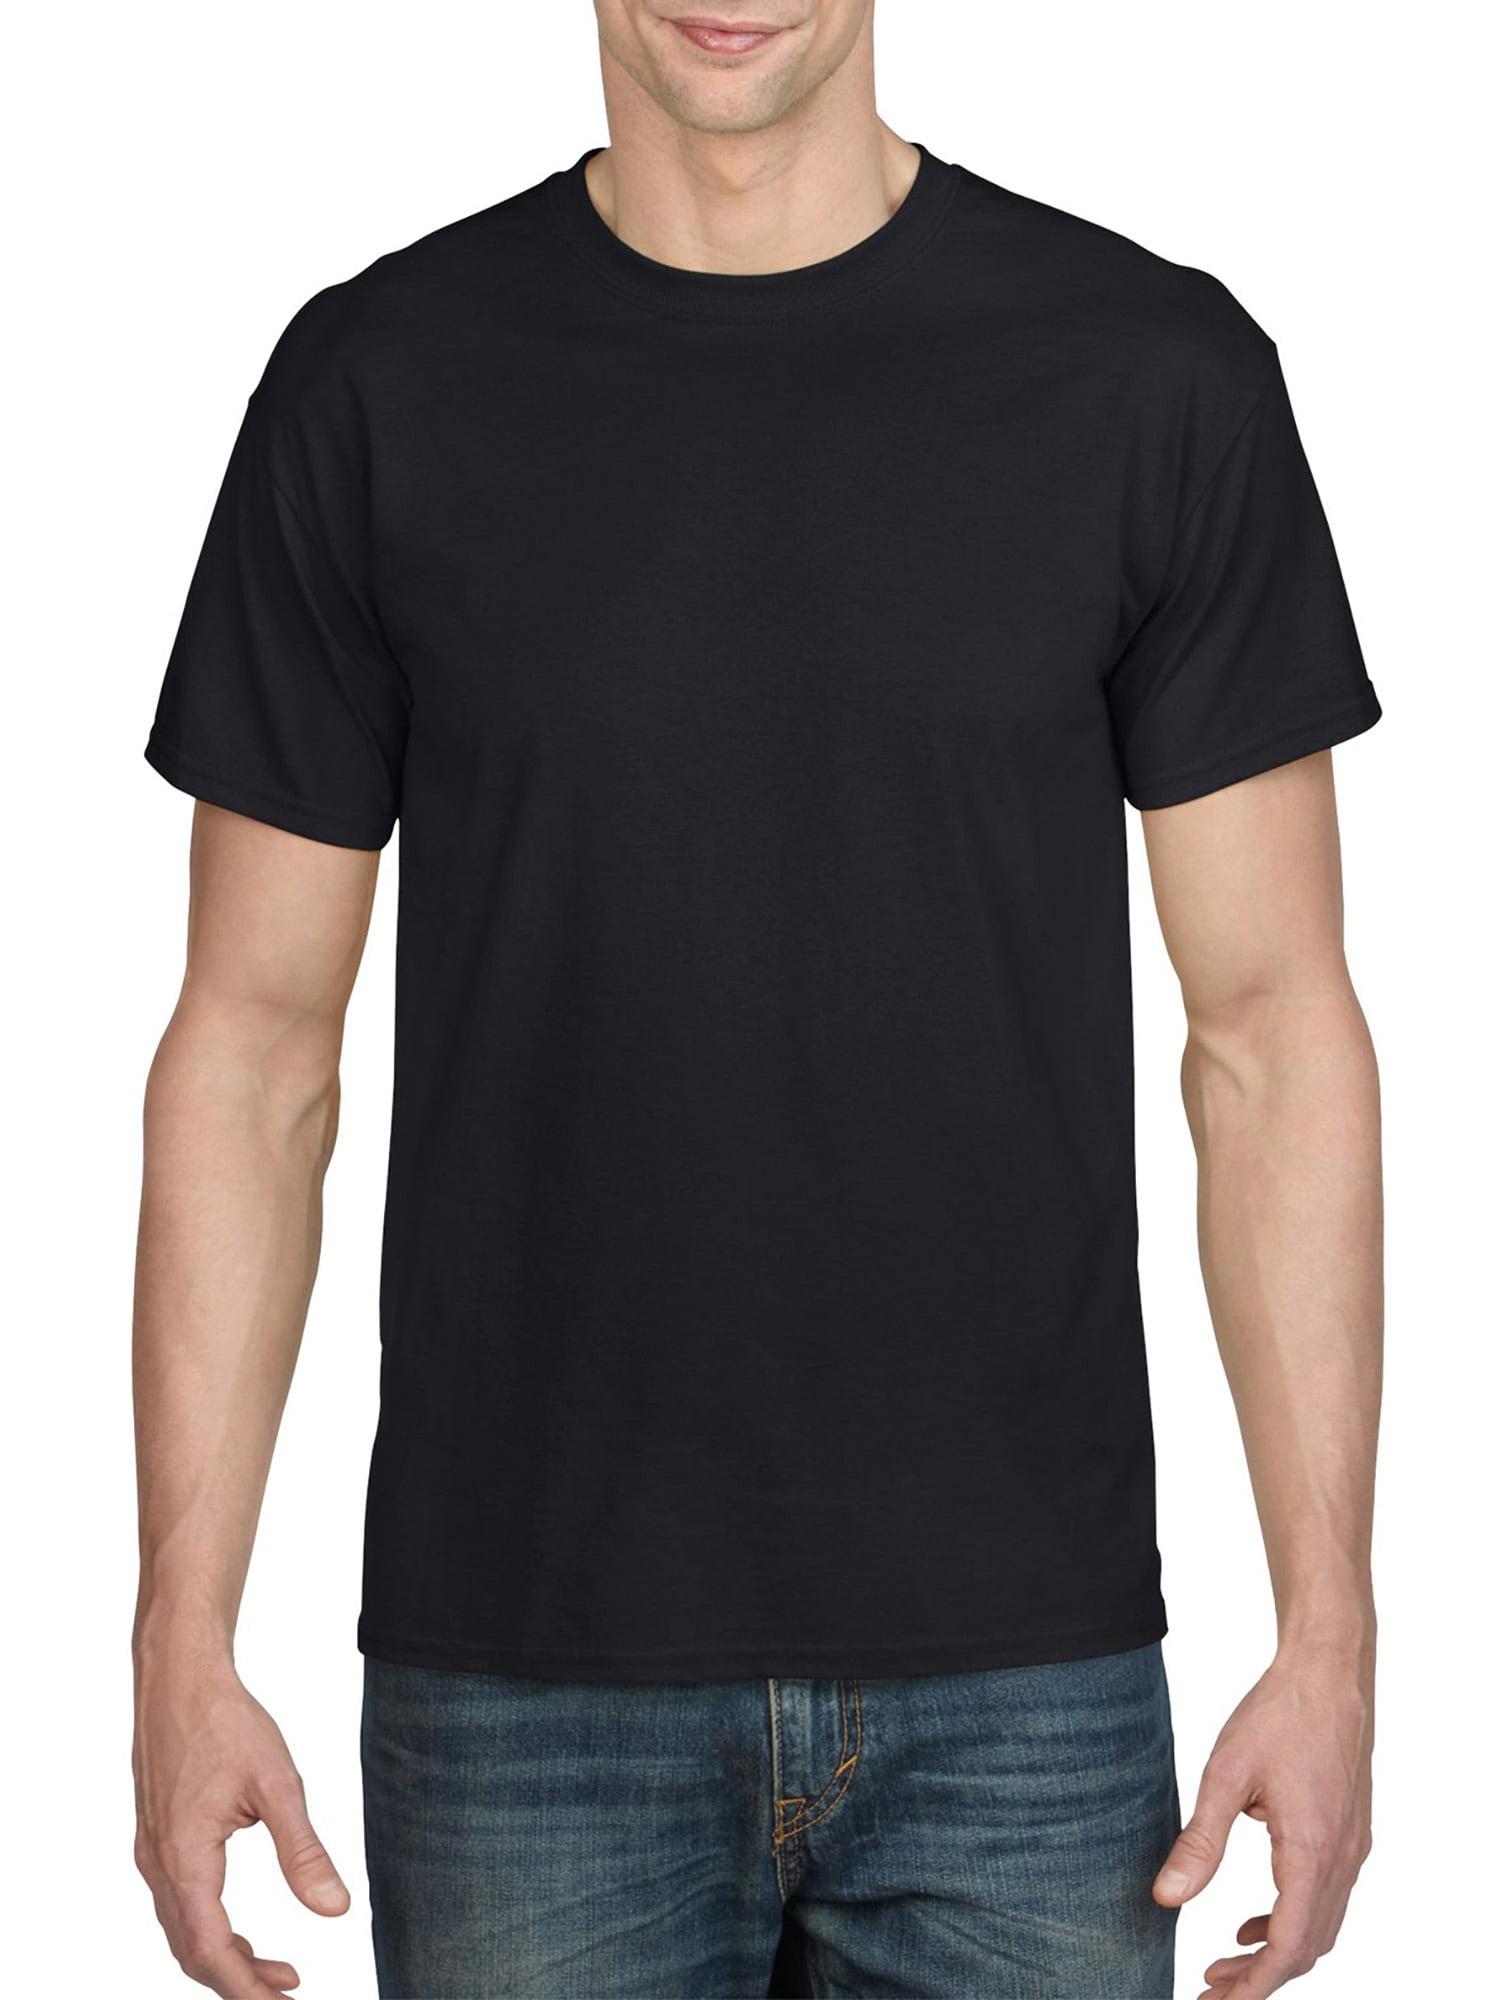 Gildan Short Sleeve Crew T-Shirt, 1 Each